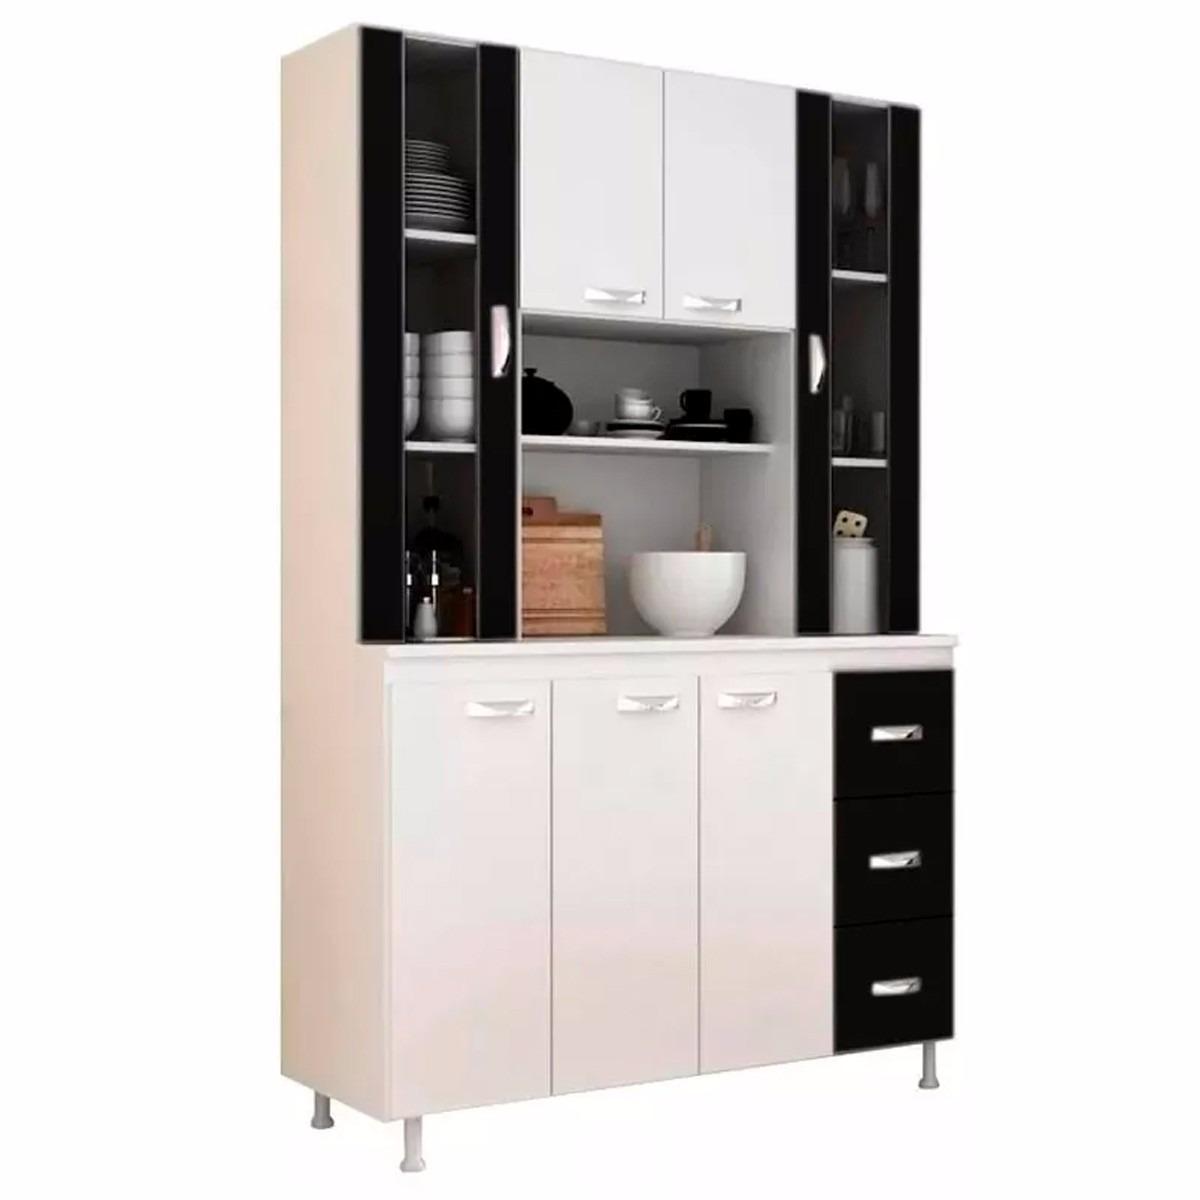 Muebles Cocina Kit Online. Trendy Muebles En Kit Online Cool Gallery ...